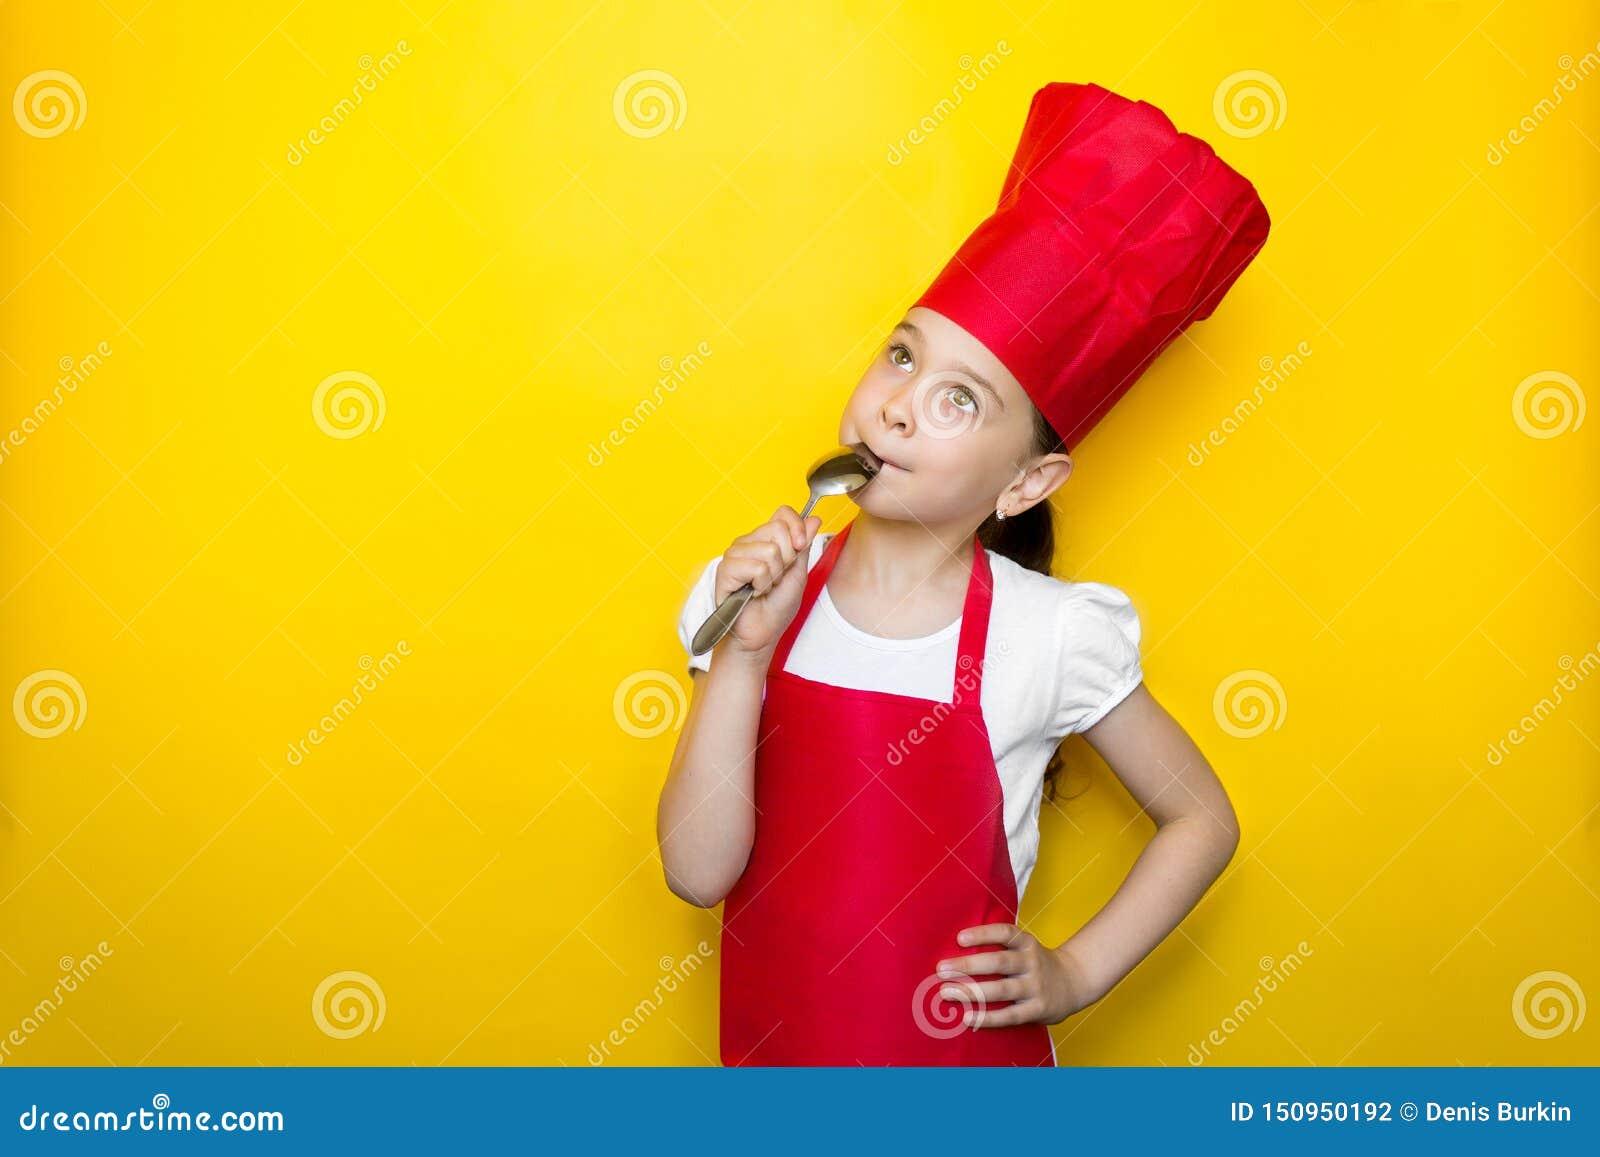 Маленькая девочка в костюме красного шеф-повара лижет ложку, мечты, очень вкусный вкус, на желтой предпосылке с космосом экземпля